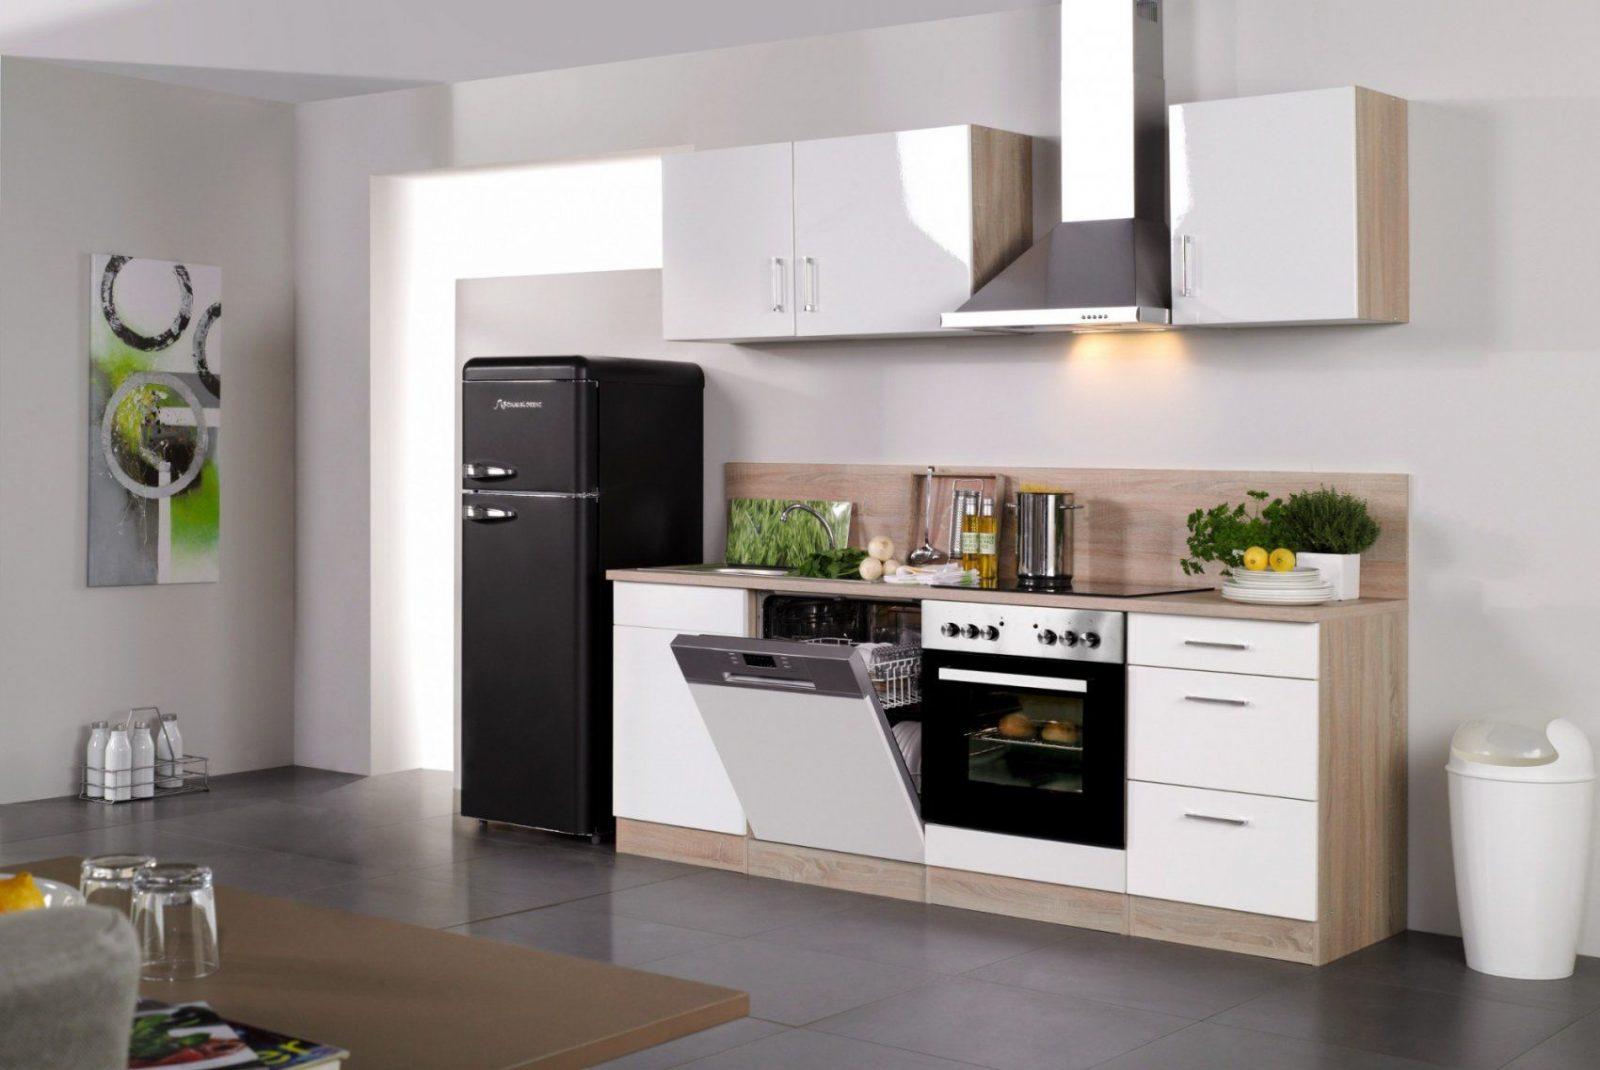 Küchenzeile Ohne Kühlschrank  Knutd von Küche Mit E Geräten Ohne Kühlschrank Bild